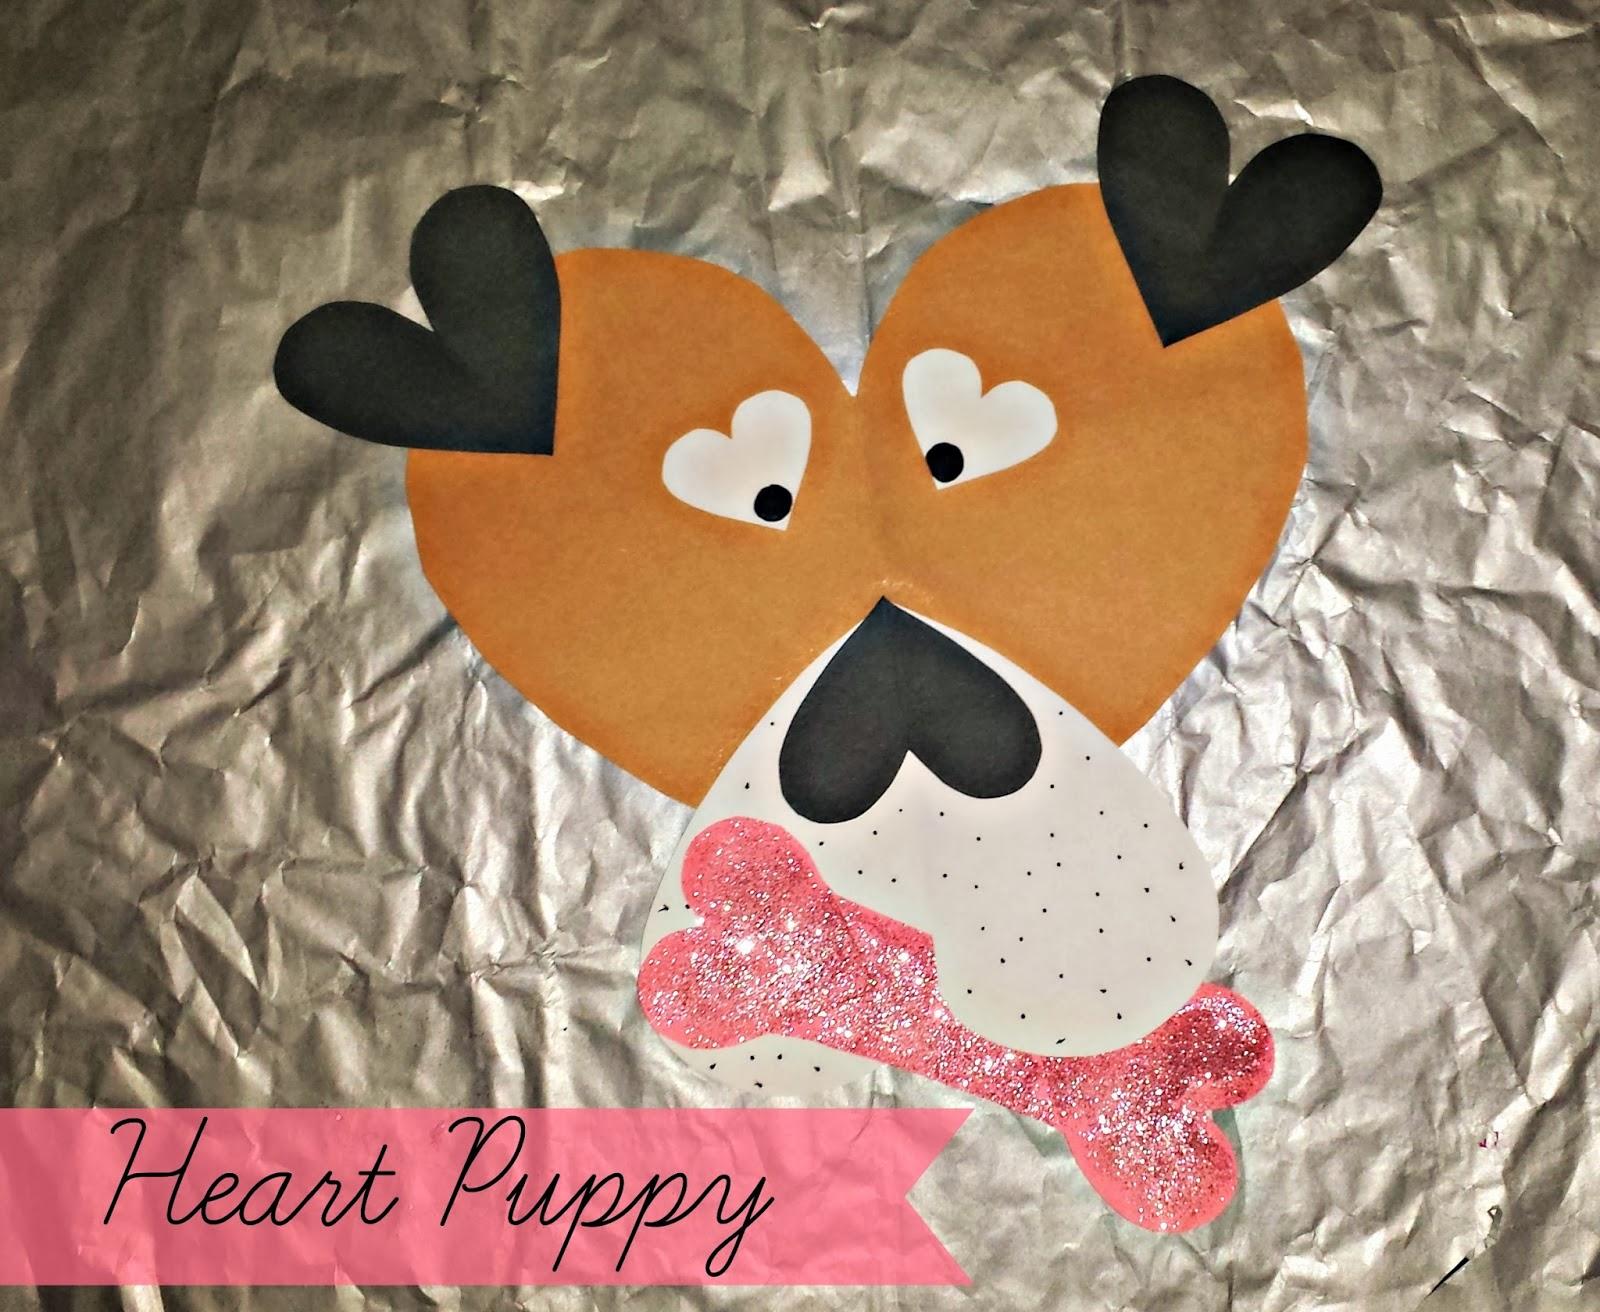 Valentine 39 s day puppy craft for kids crafty morning for Valentines day kids crafts